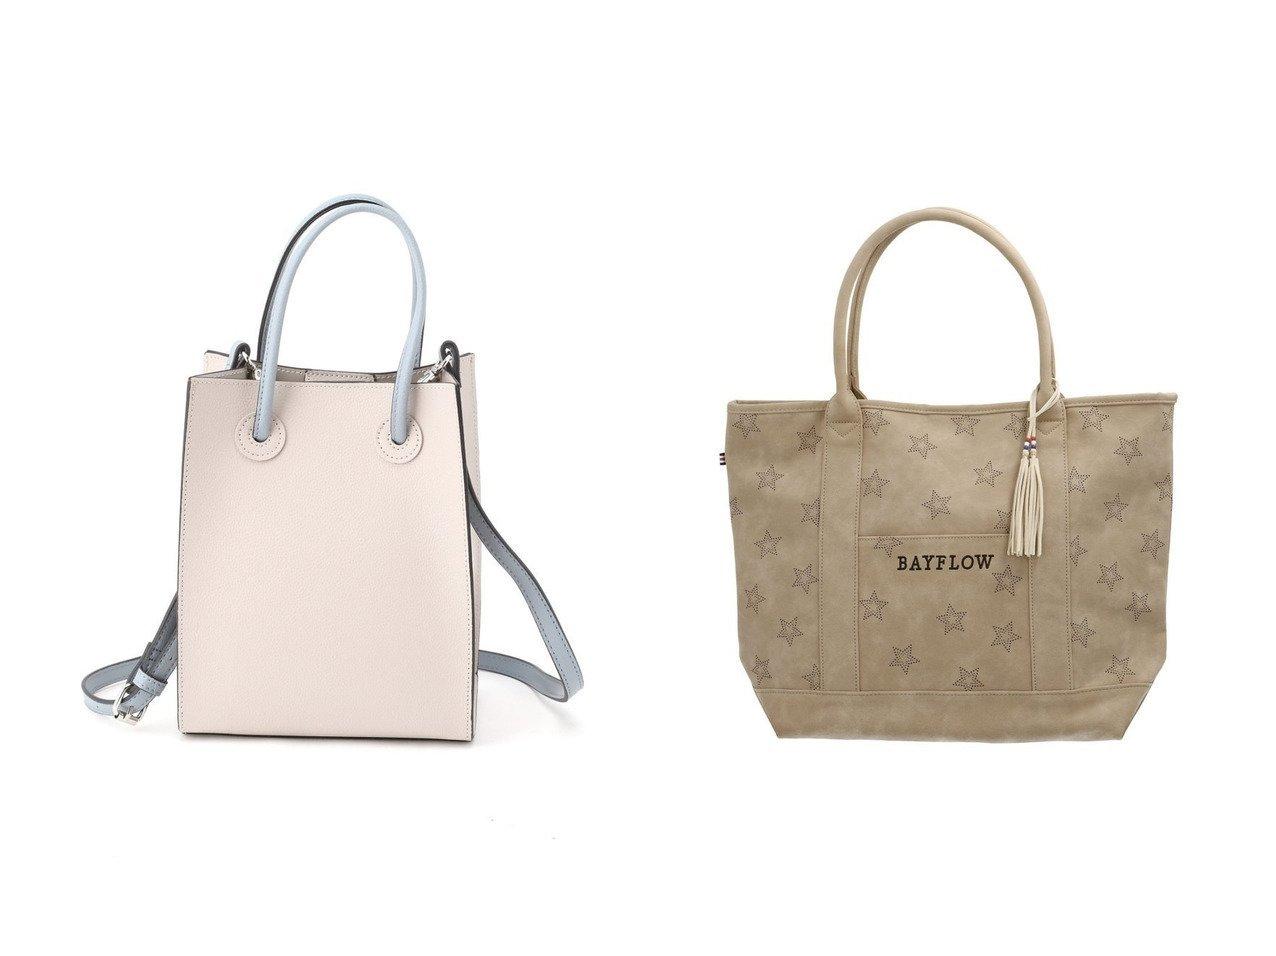 【BAYFLOW/ベイフロー】のミッドスクエアバッグ&21SホシパンチングロゴL バッグ・鞄のおすすめ!人気、トレンド・レディースファッションの通販 おすすめで人気の流行・トレンド、ファッションの通販商品 メンズファッション・キッズファッション・インテリア・家具・レディースファッション・服の通販 founy(ファニー) https://founy.com/ ファッション Fashion レディースファッション WOMEN バッグ Bag NEW・新作・新着・新入荷 New Arrivals スクエア フェイクレザー スエード タッセル マグネット |ID:crp329100000022621